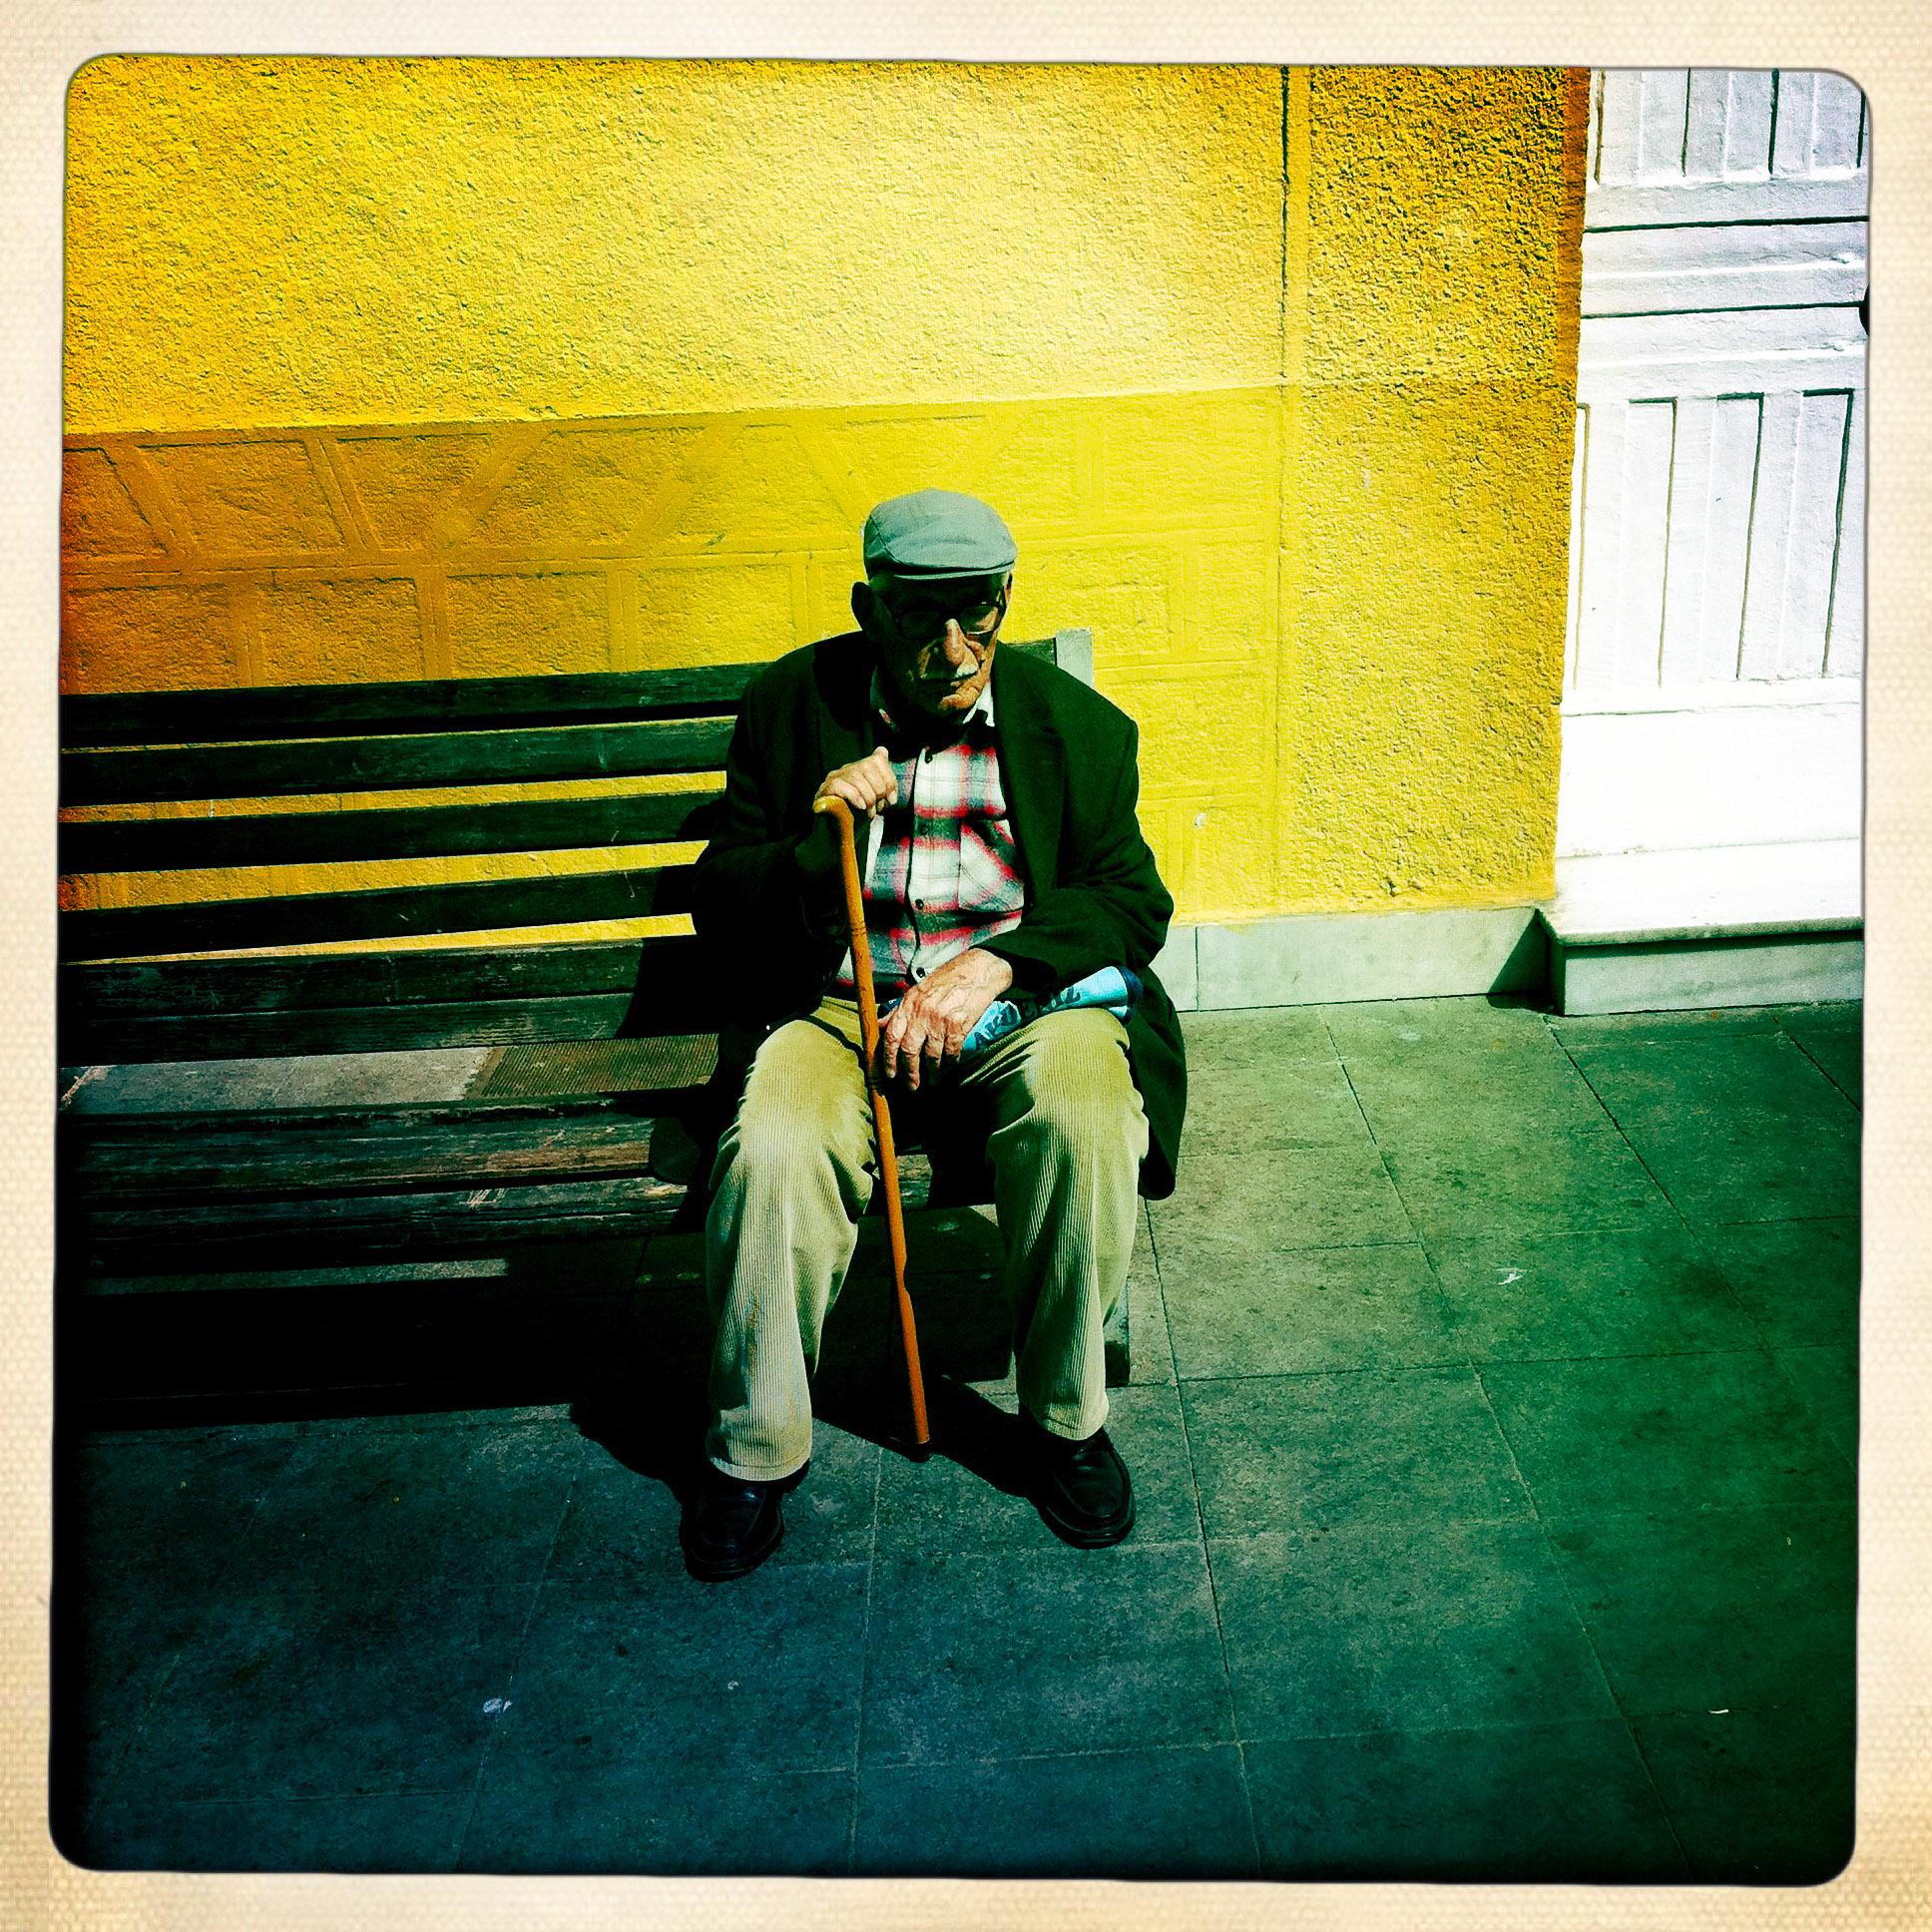 Istanbul, Turkey. © www.thomaspickard.com